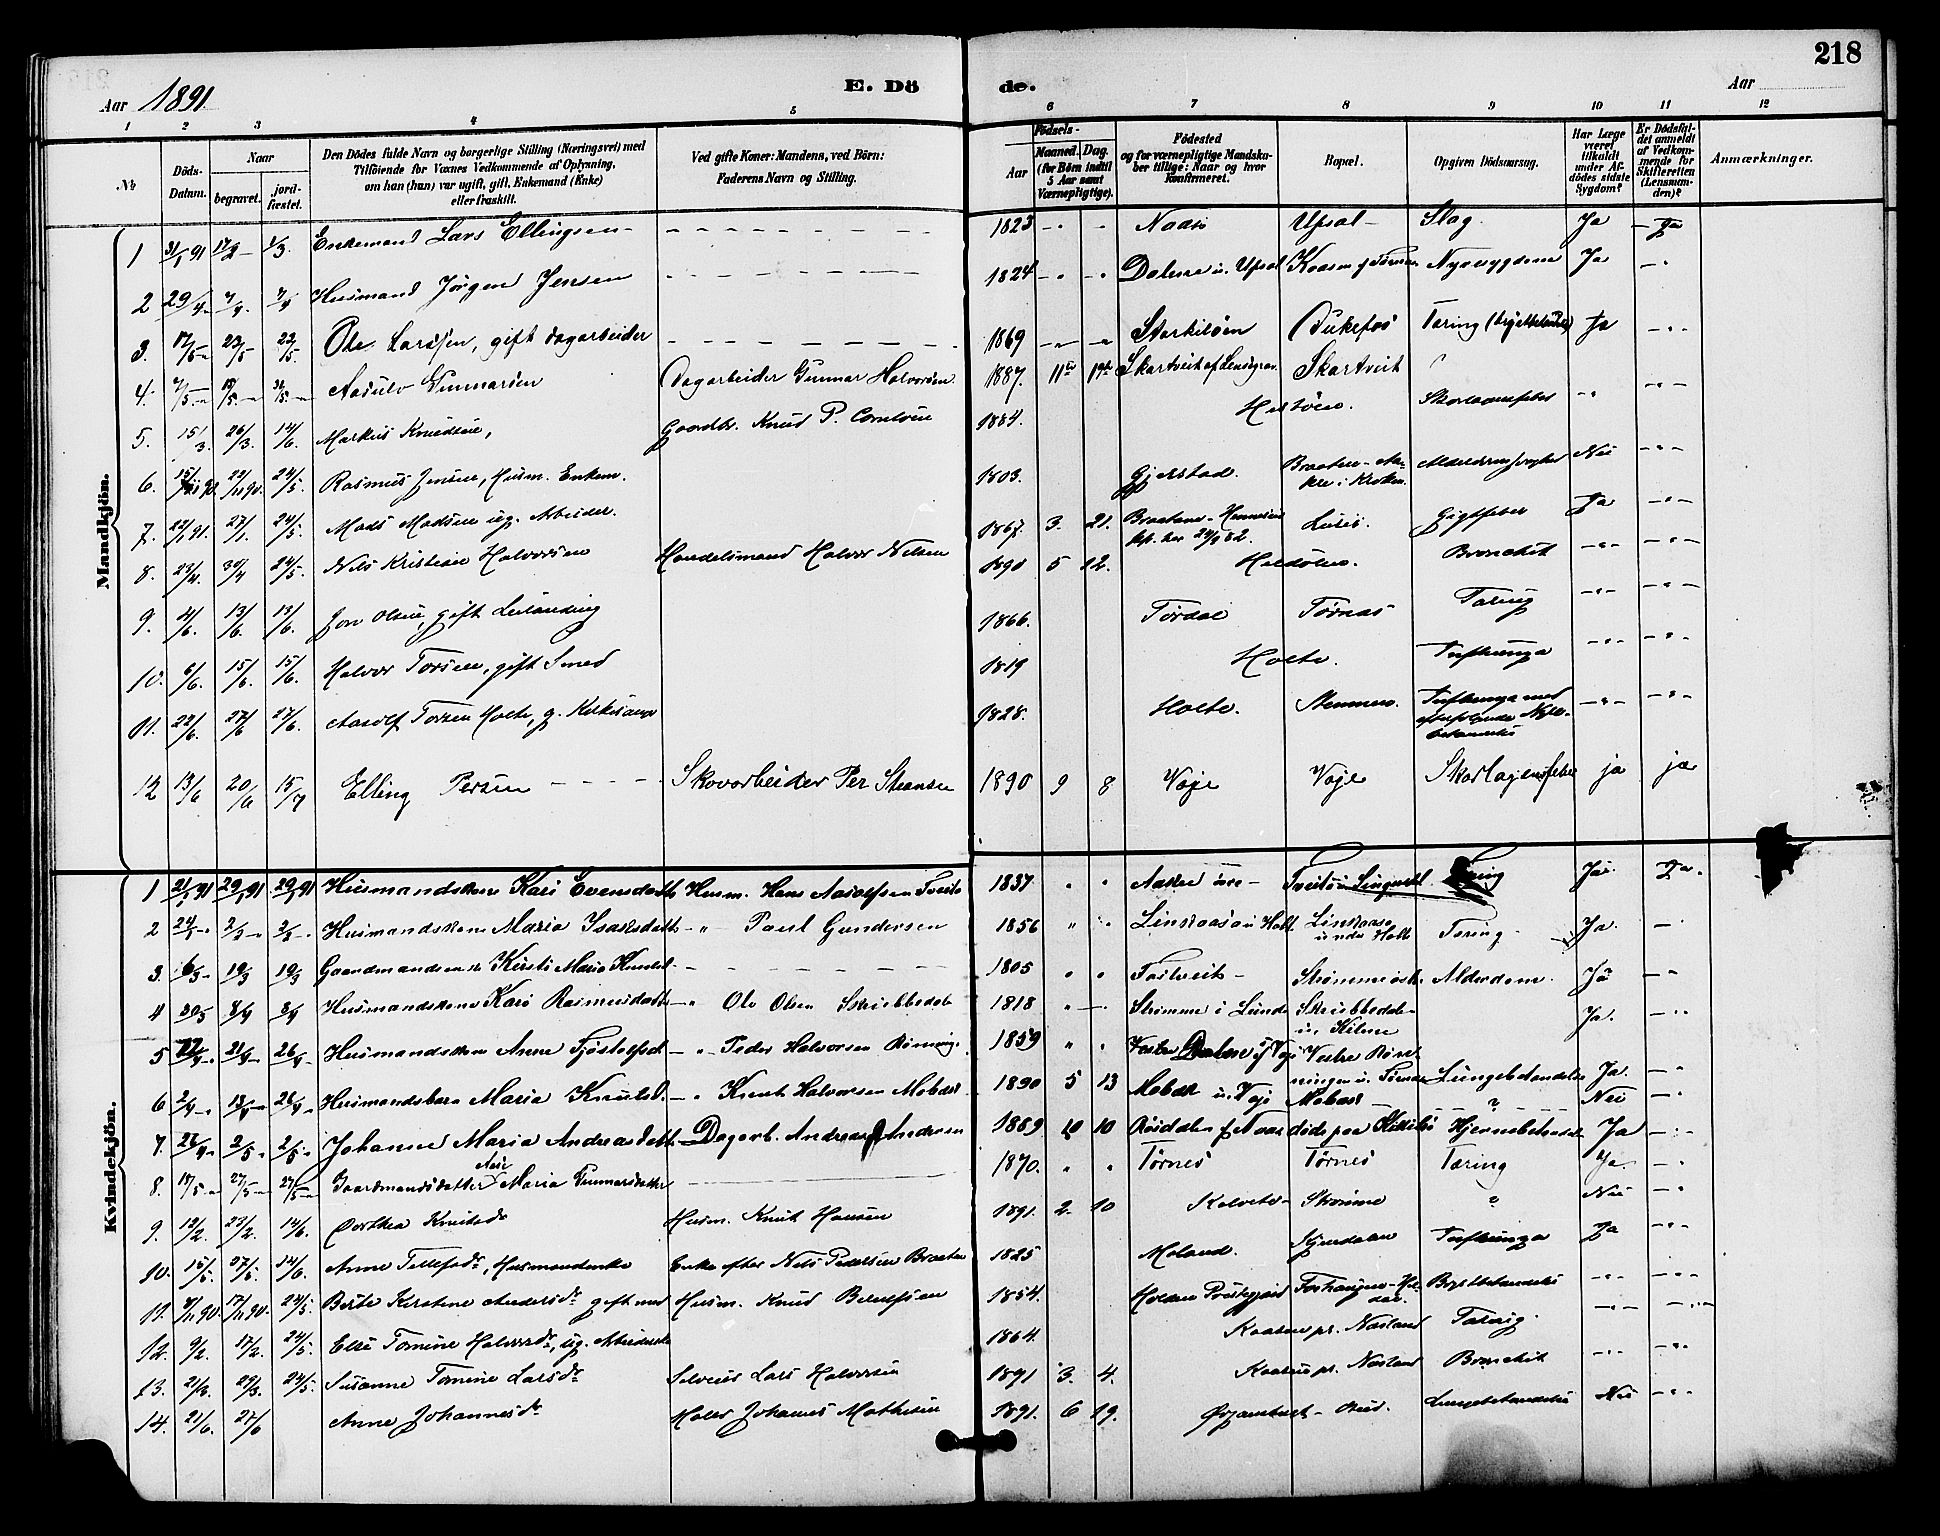 SAKO, Drangedal kirkebøker, G/Ga/L0003: Klokkerbok nr. I 3, 1887-1906, s. 218